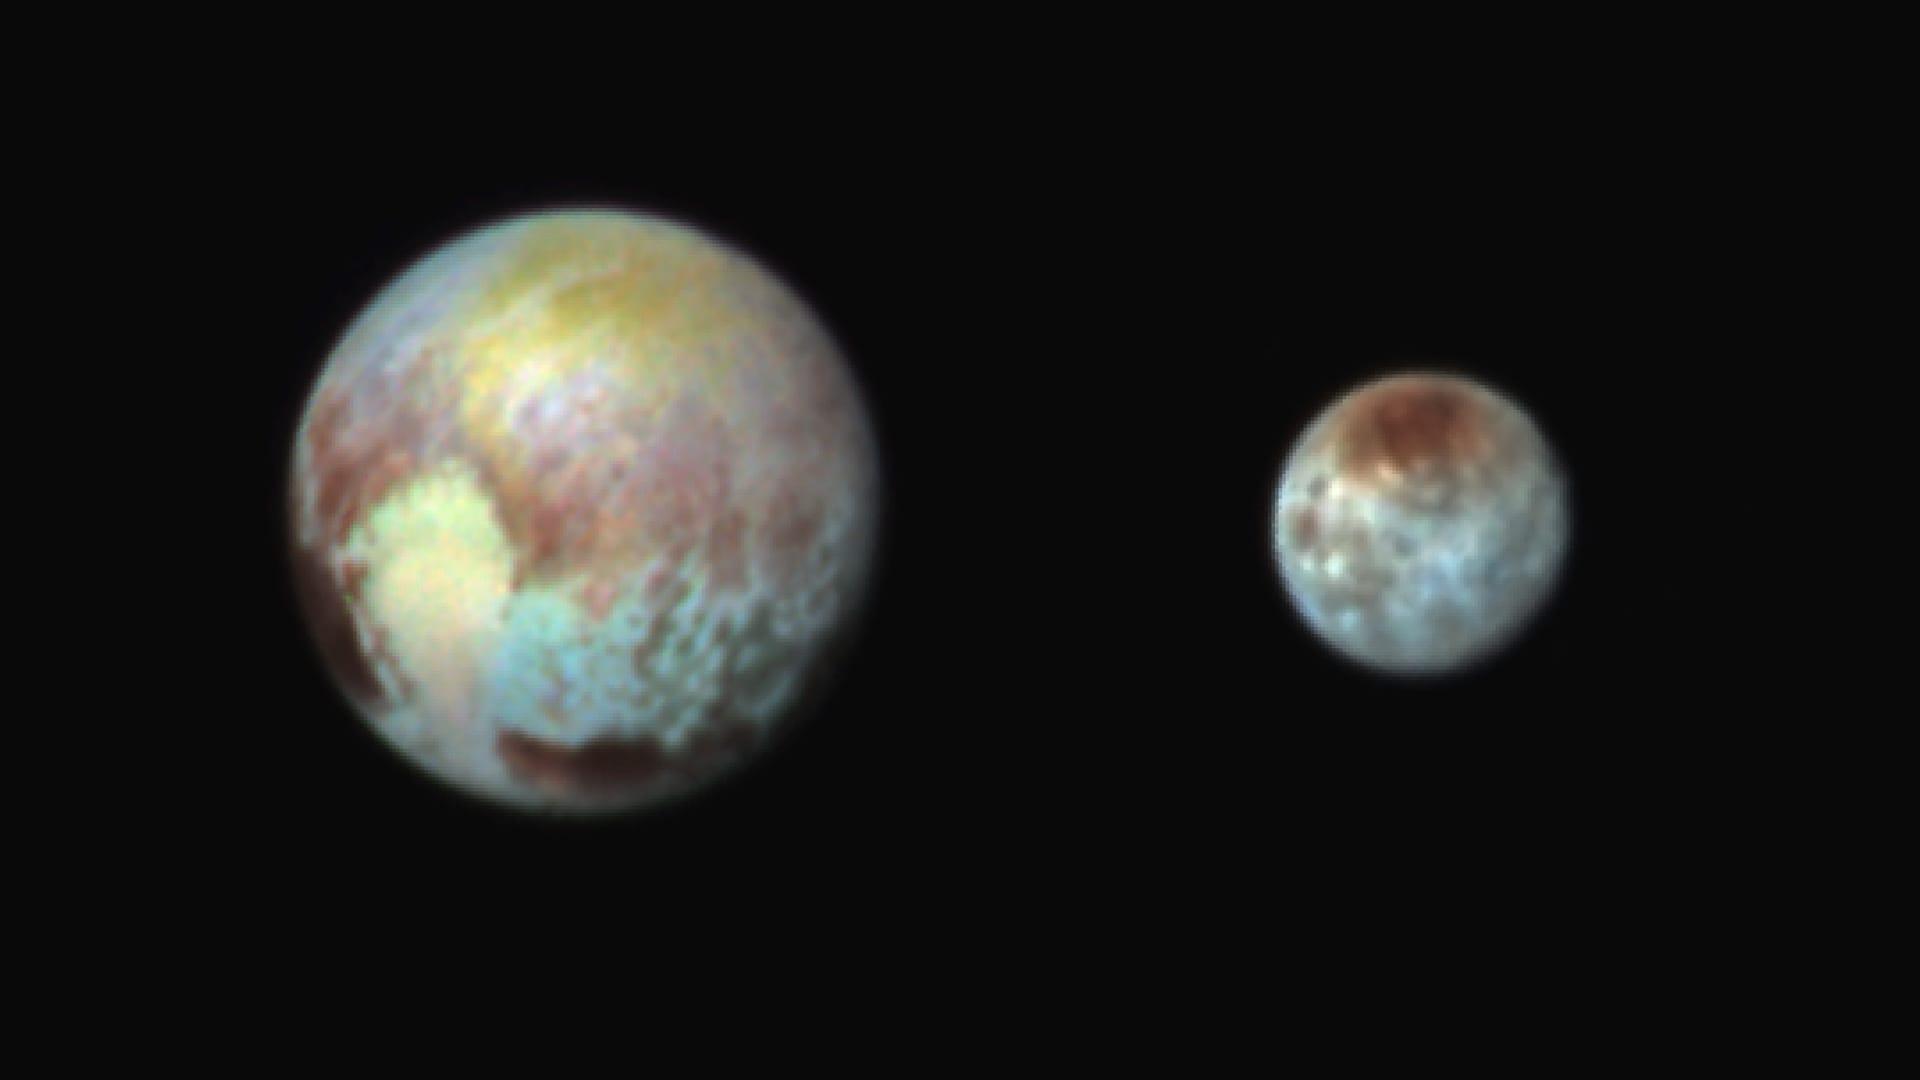 Falschfarbenfotos zeigen neue Details von Pluto und Charon